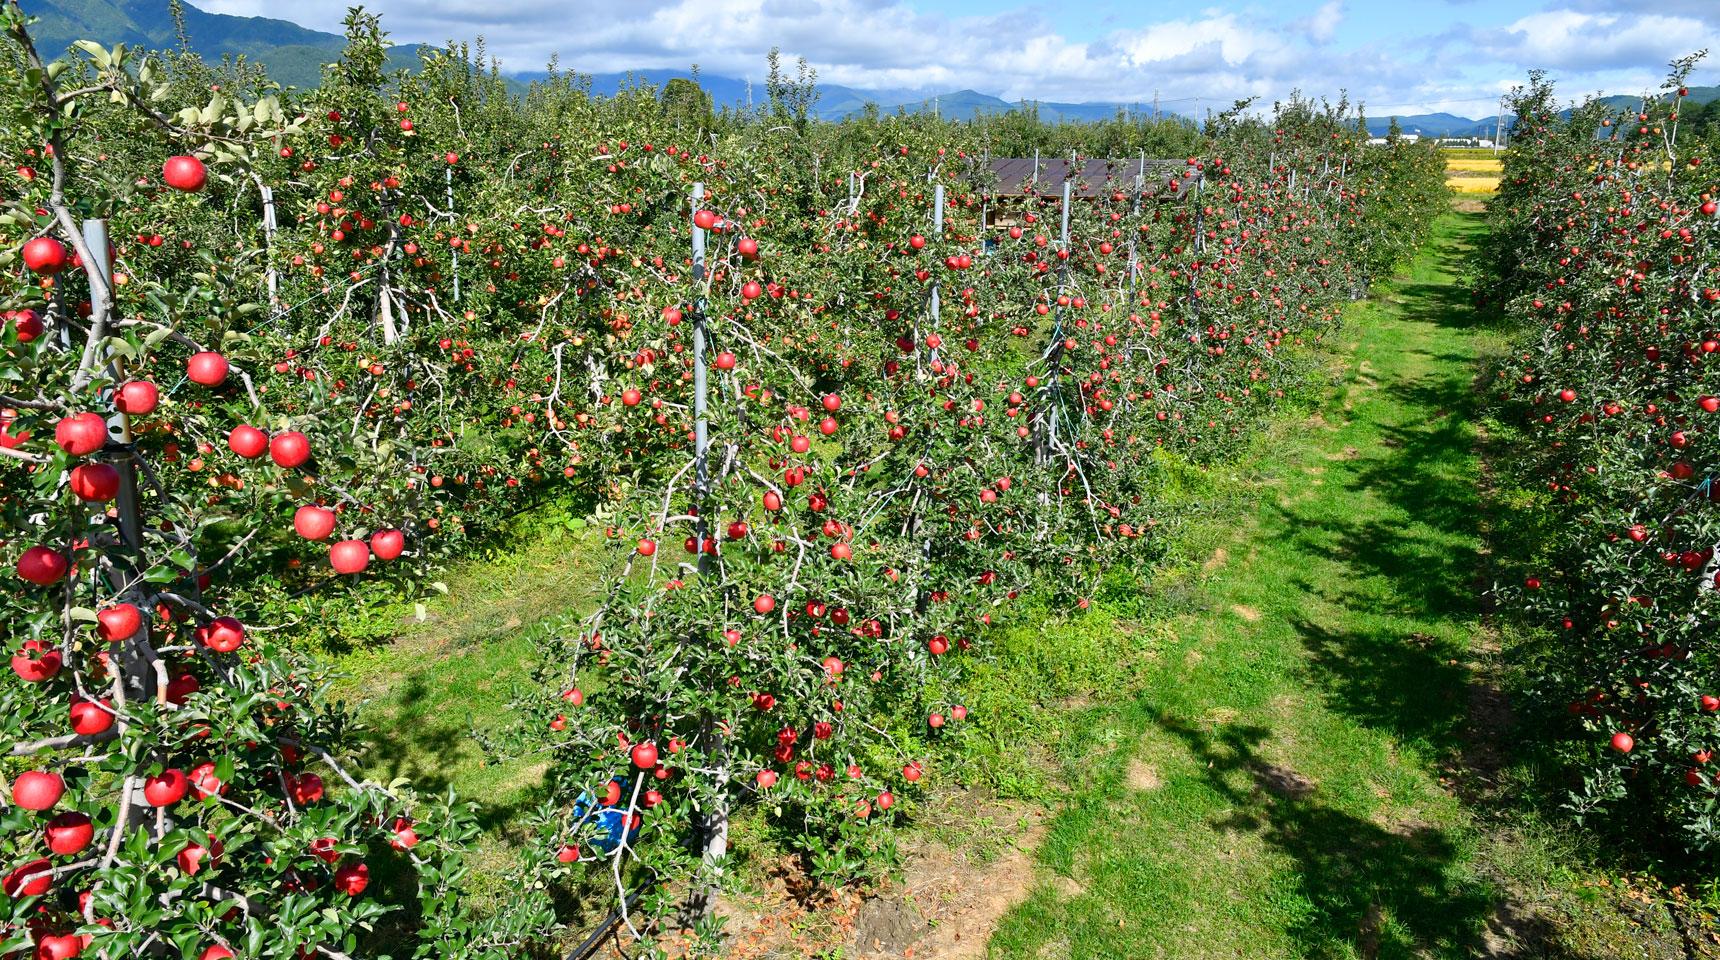 スライド123 大町市常盤 リンゴ収穫時期